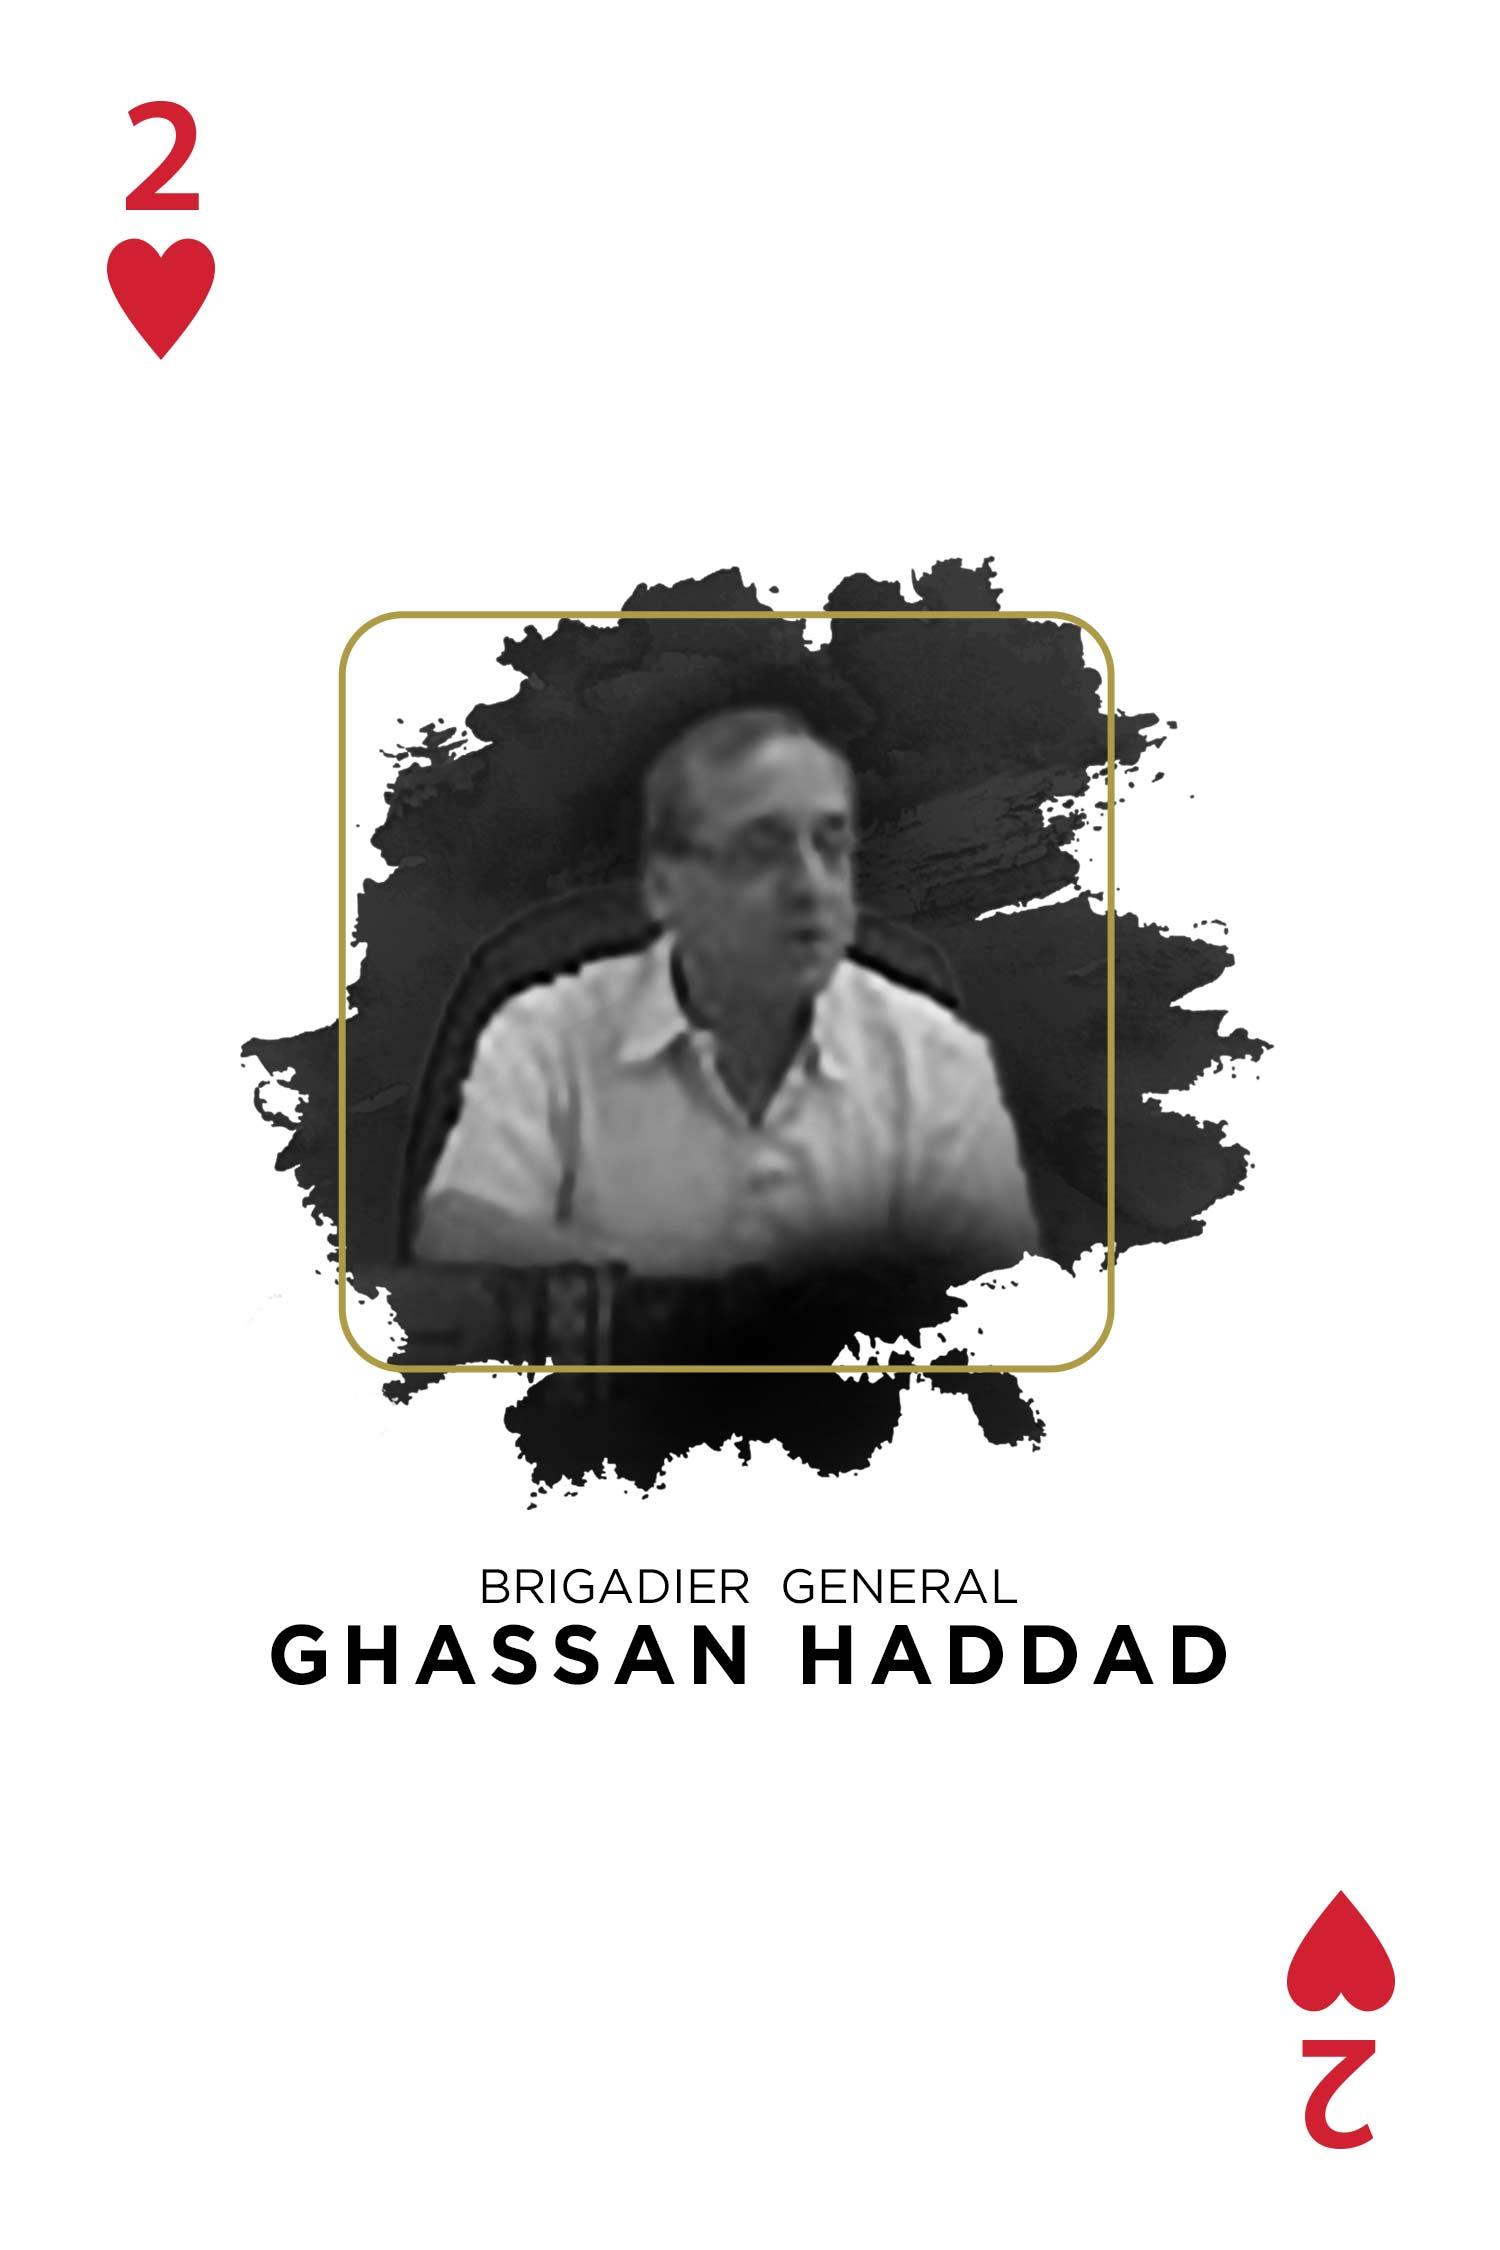 Pro Justice - Dr. Ghassan Haddad